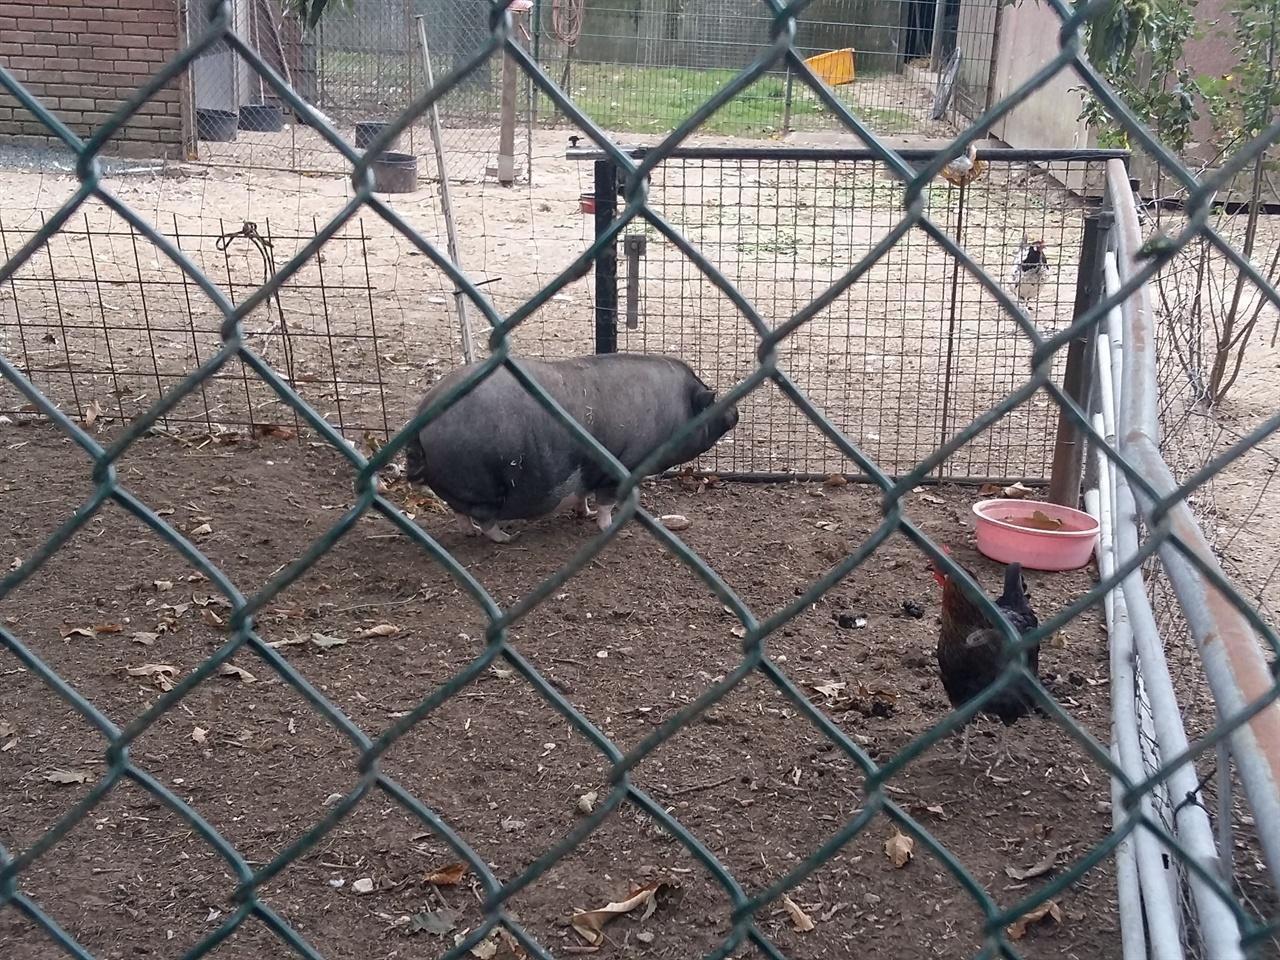 돼지와 닭 돼지와 닭을 이렇게 놓아 기르는 것이 인상적이다.